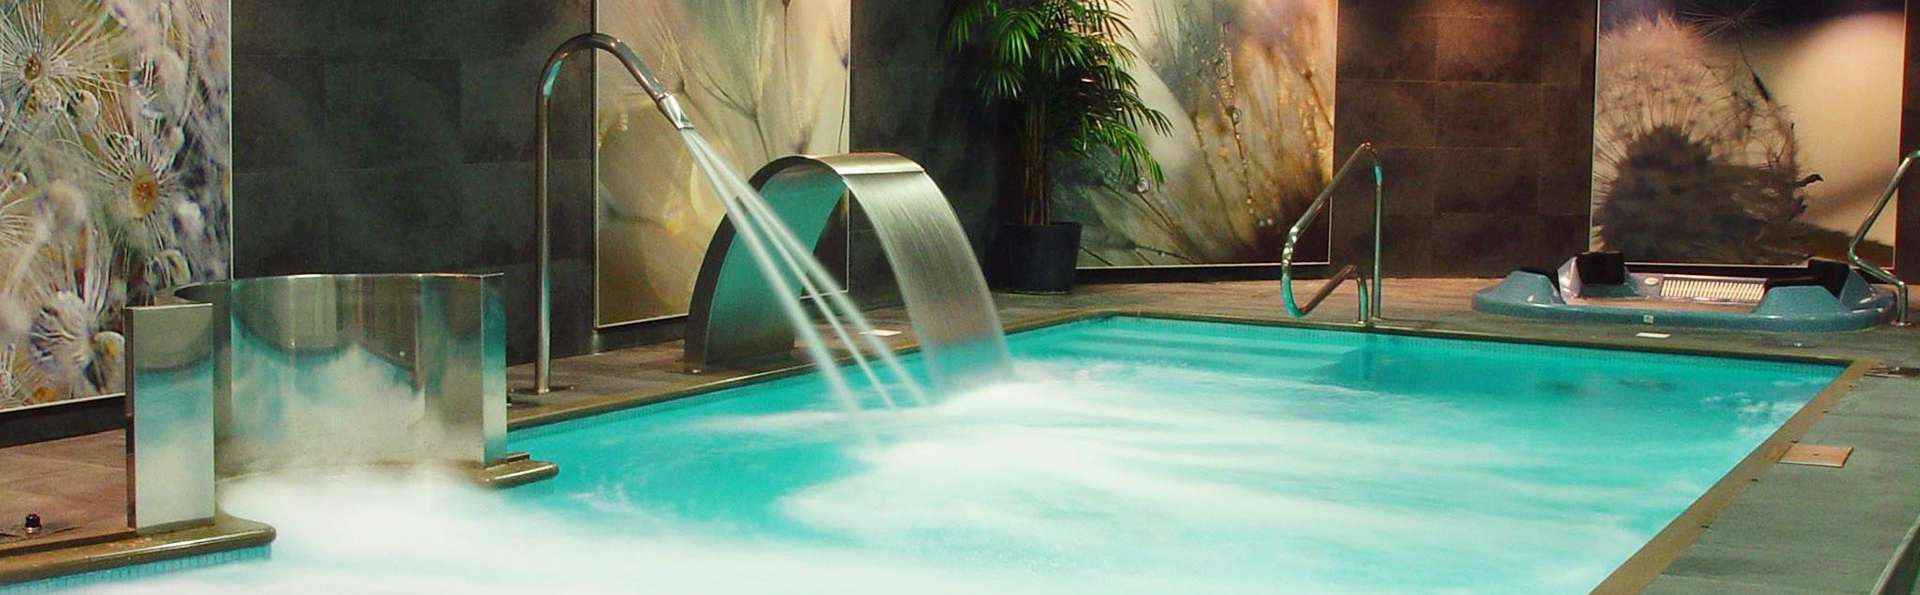 Escapada con Spa y Cava en un exclusivo hotel en el corazón de Asturias